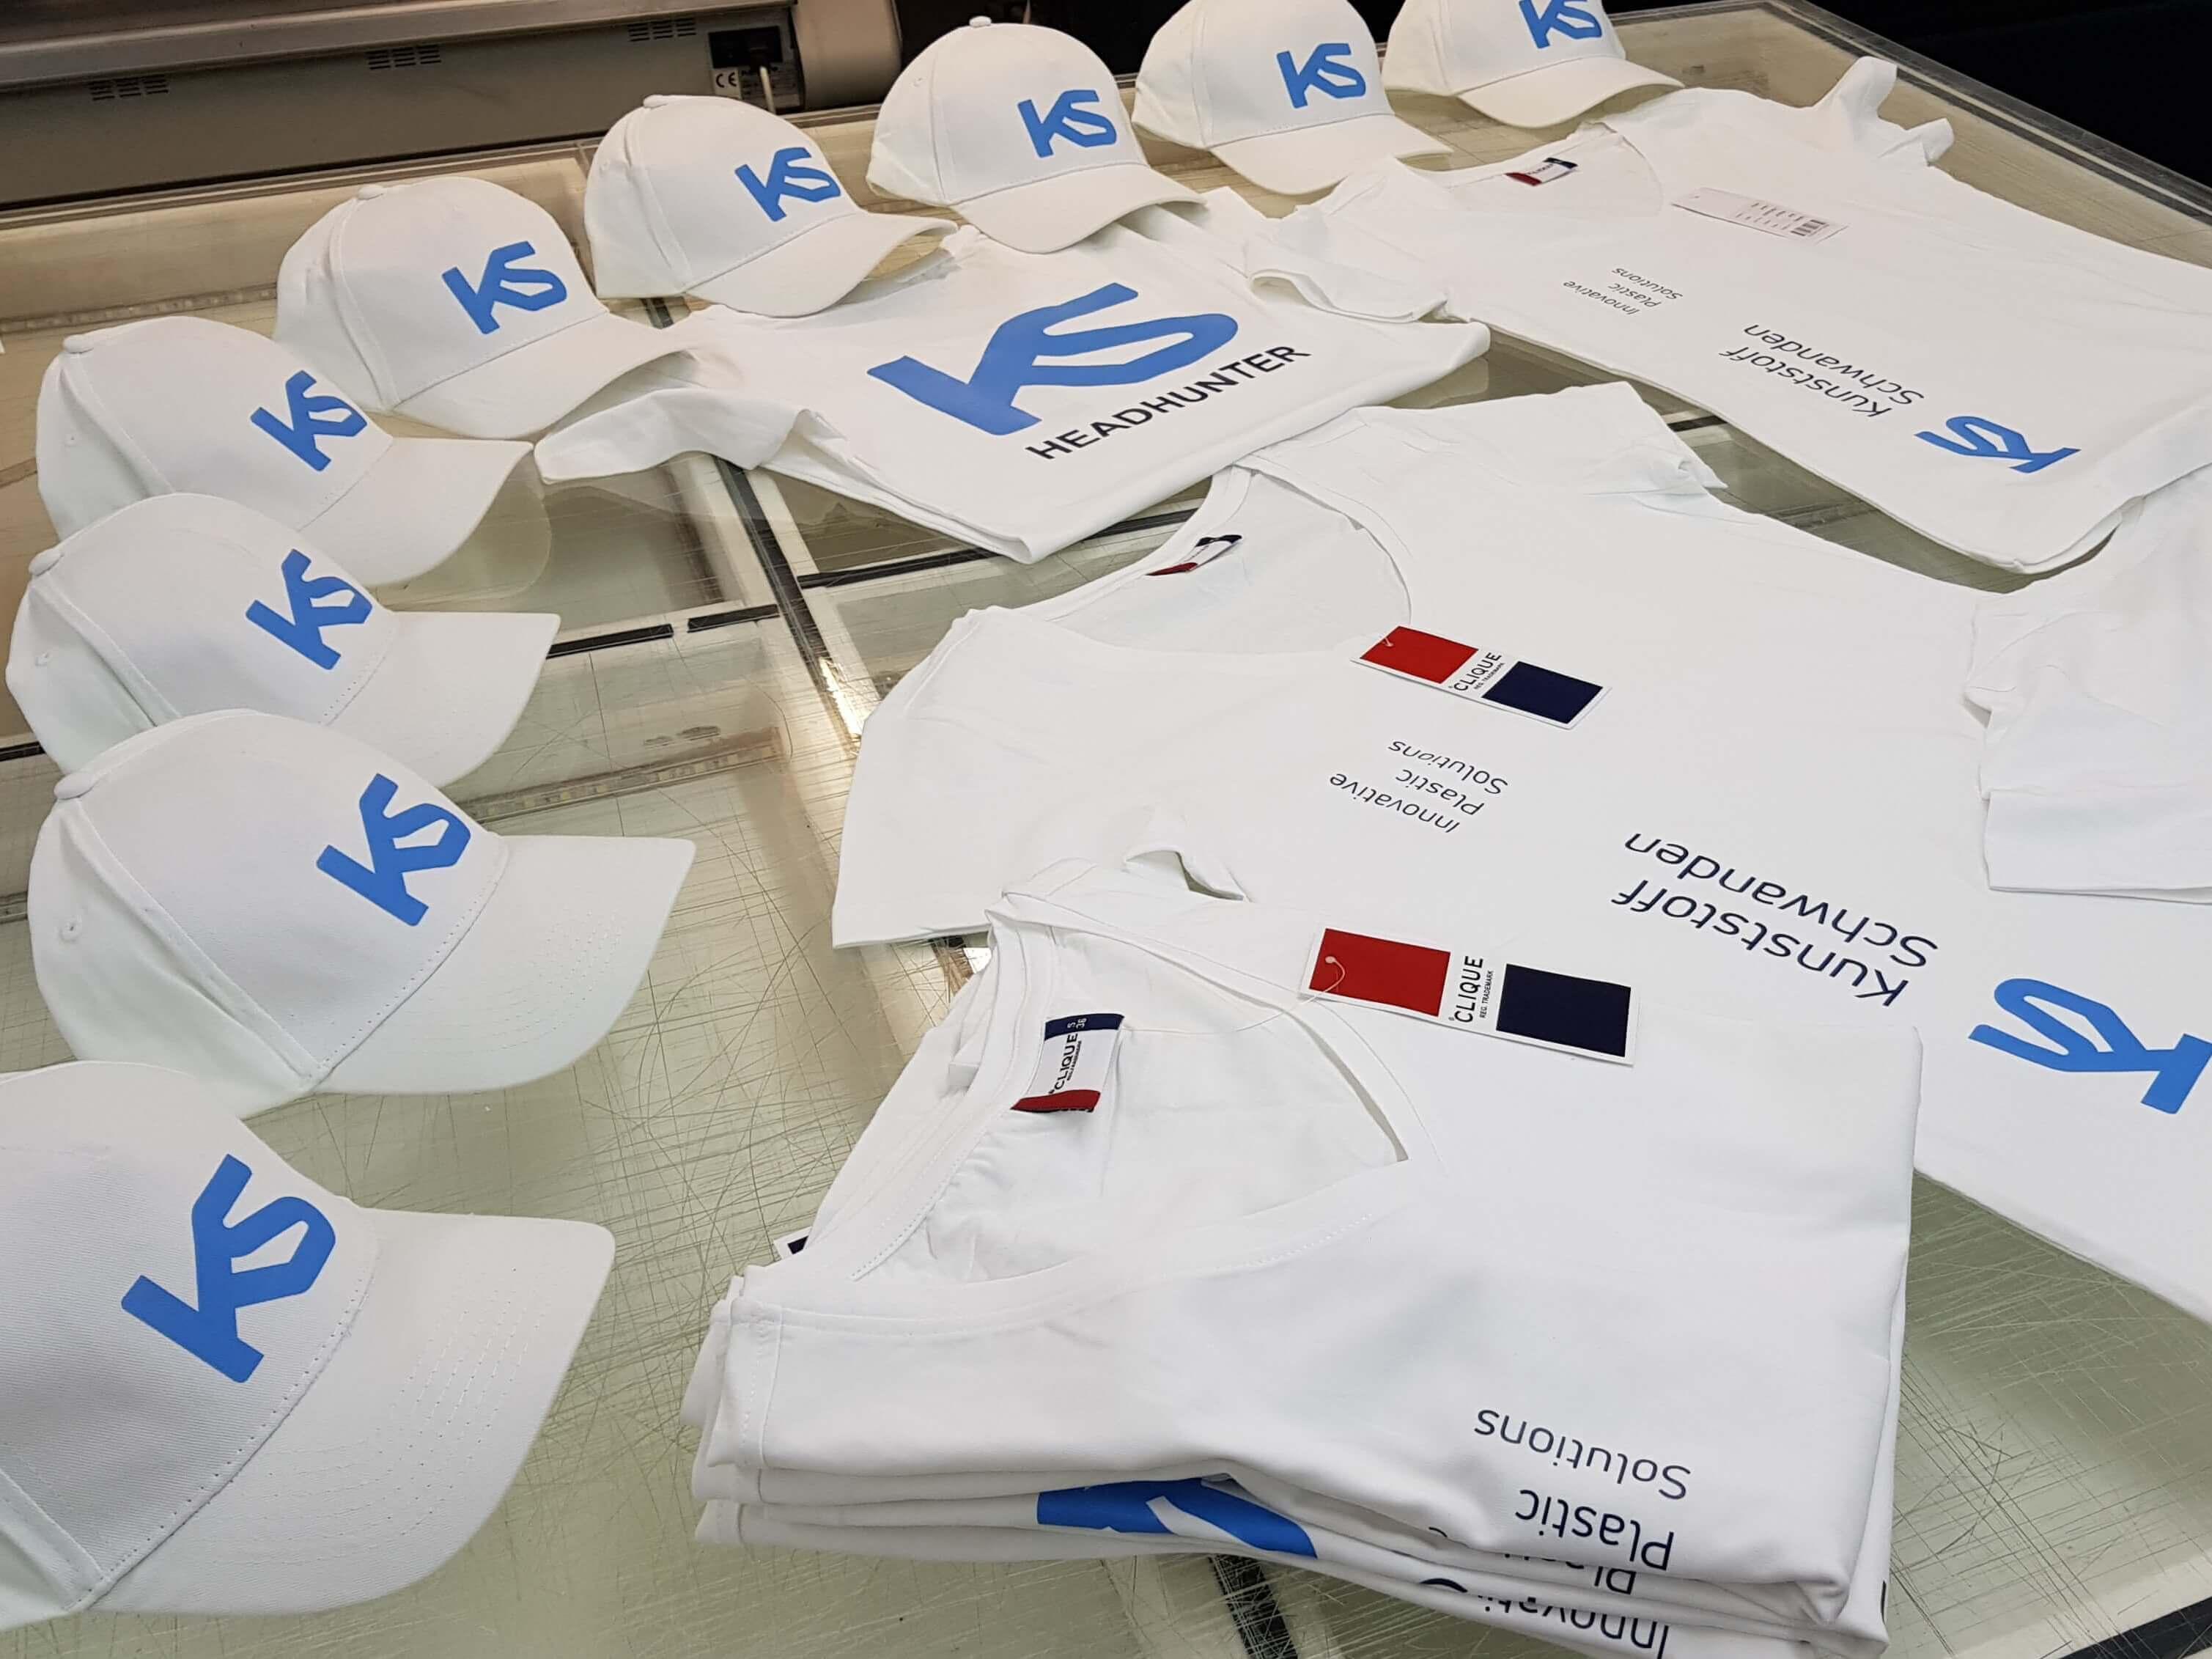 Textildruck, T-Shirt druck, kleiderdruck, arbeitskleider druck, kleider beschriftung, Firmenkleider, textilwerbung